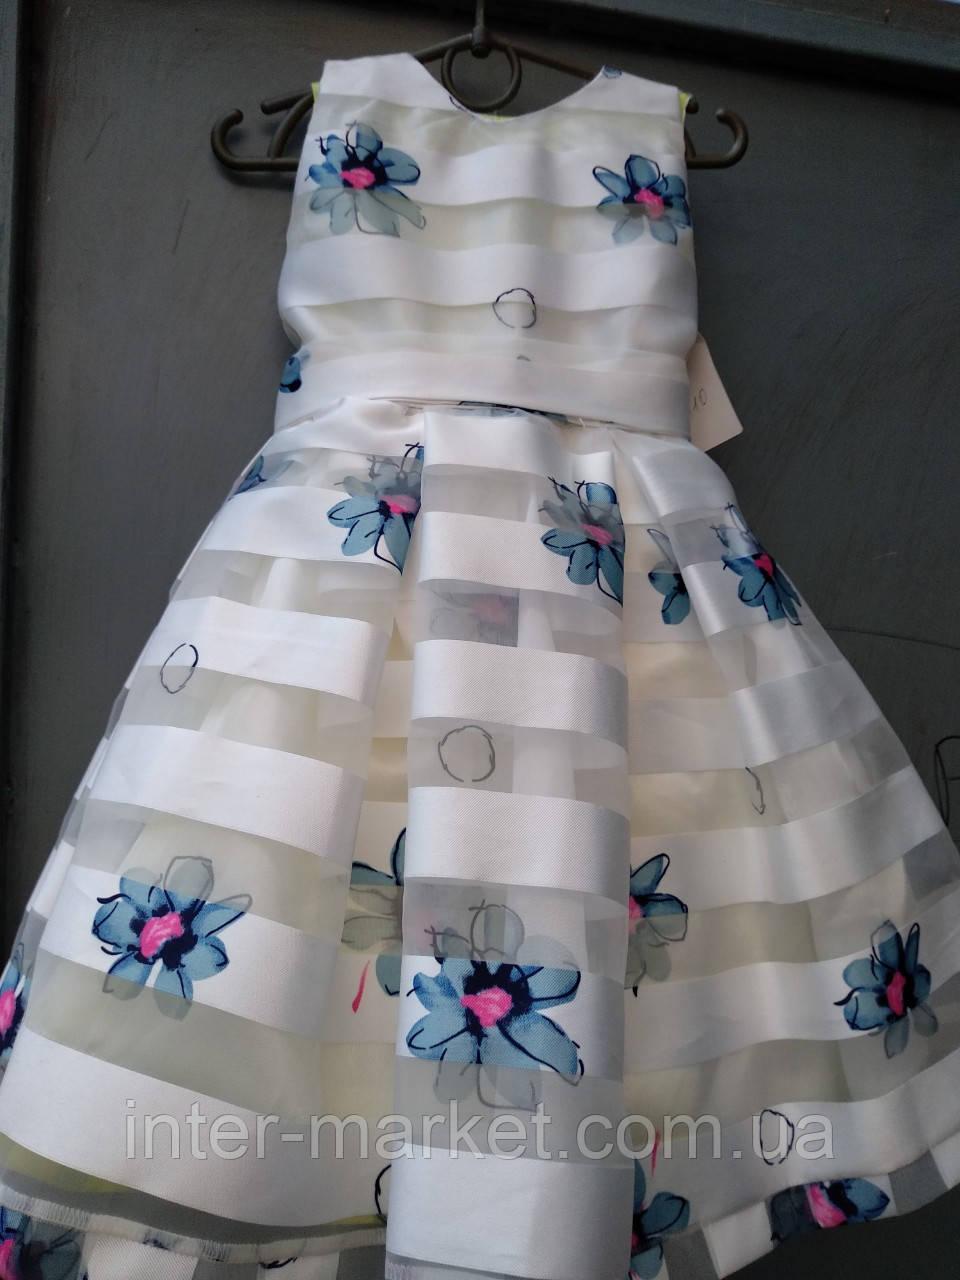 96f500e44c9 Очень красивое нарядное платье на девочку в полоску цветы - интернет магазин